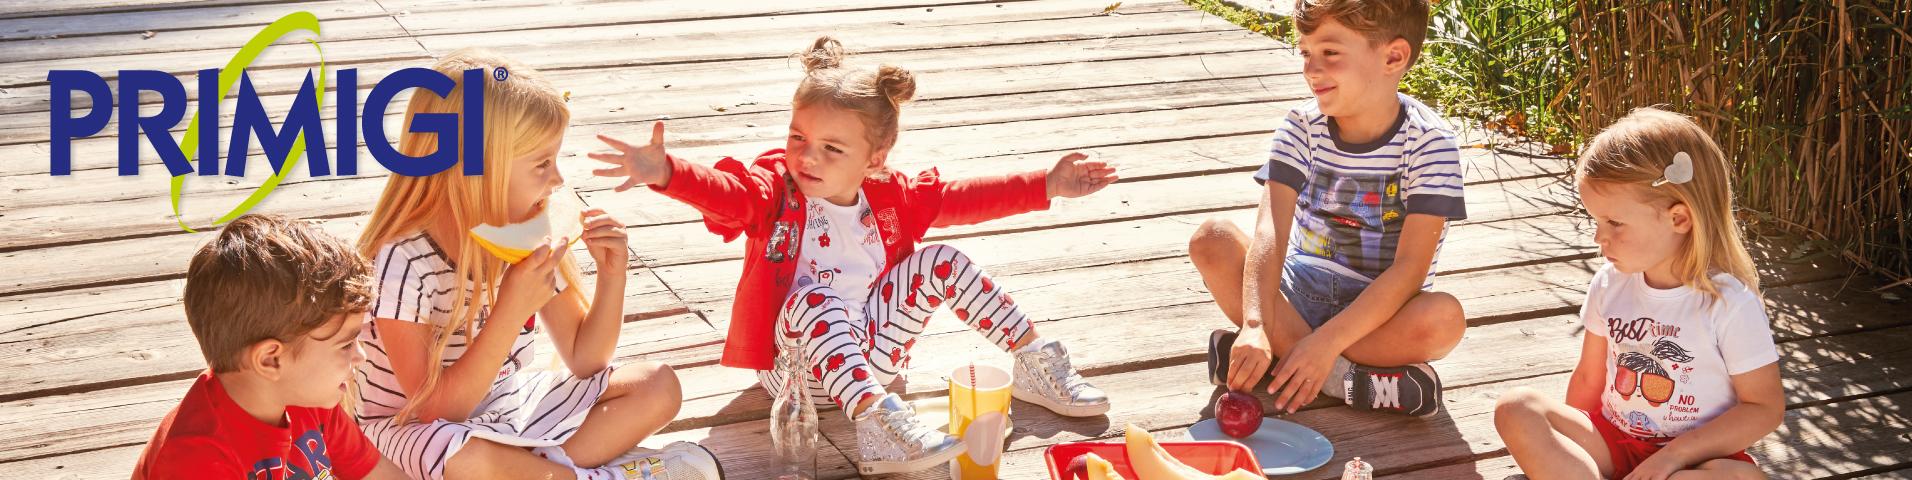 Scarpe per bambini Primigi | Promo su Zalando